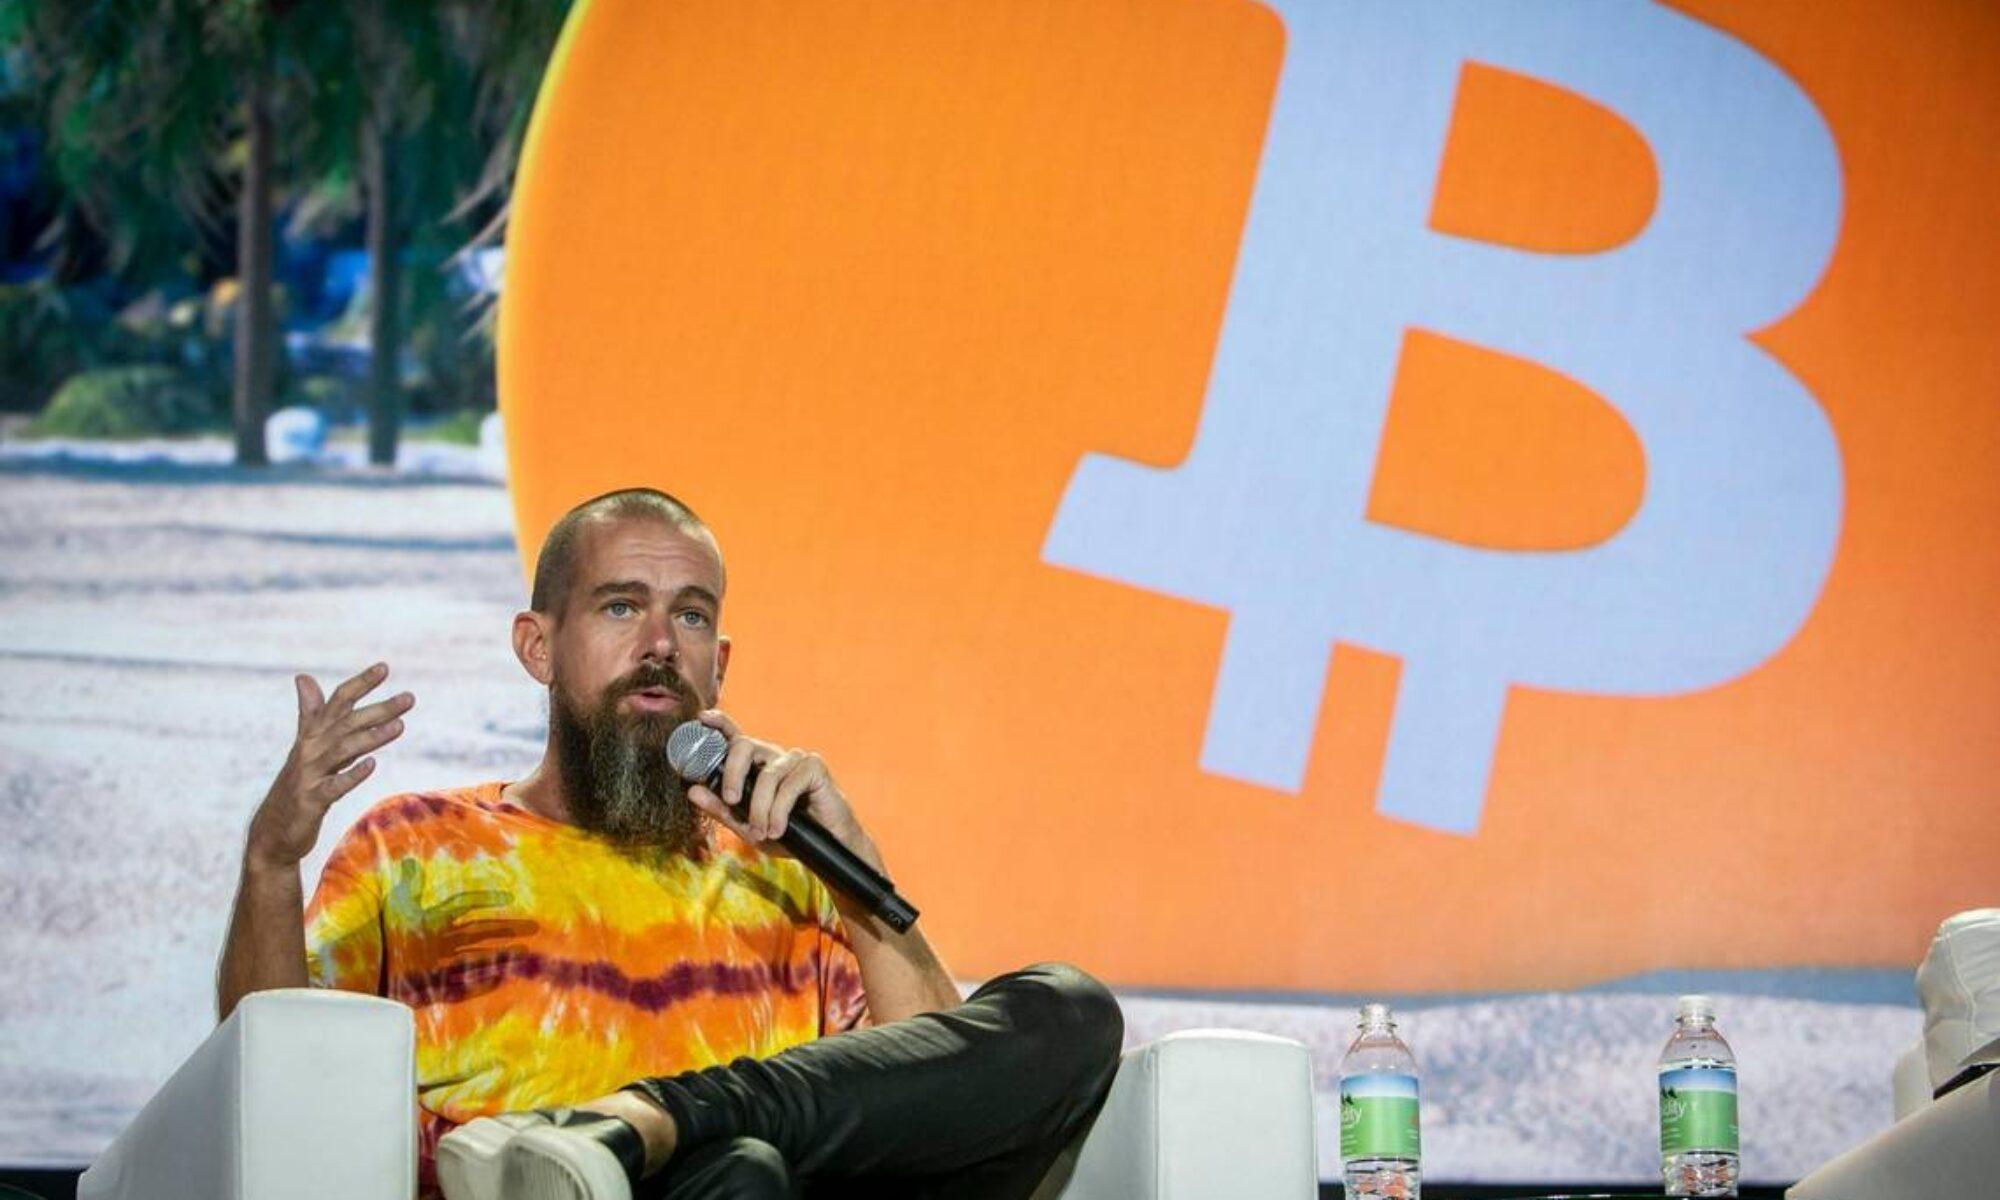 Twitter CEO'su Dorsey Bitcoin hakkındaki düşüncelerini açıkladı